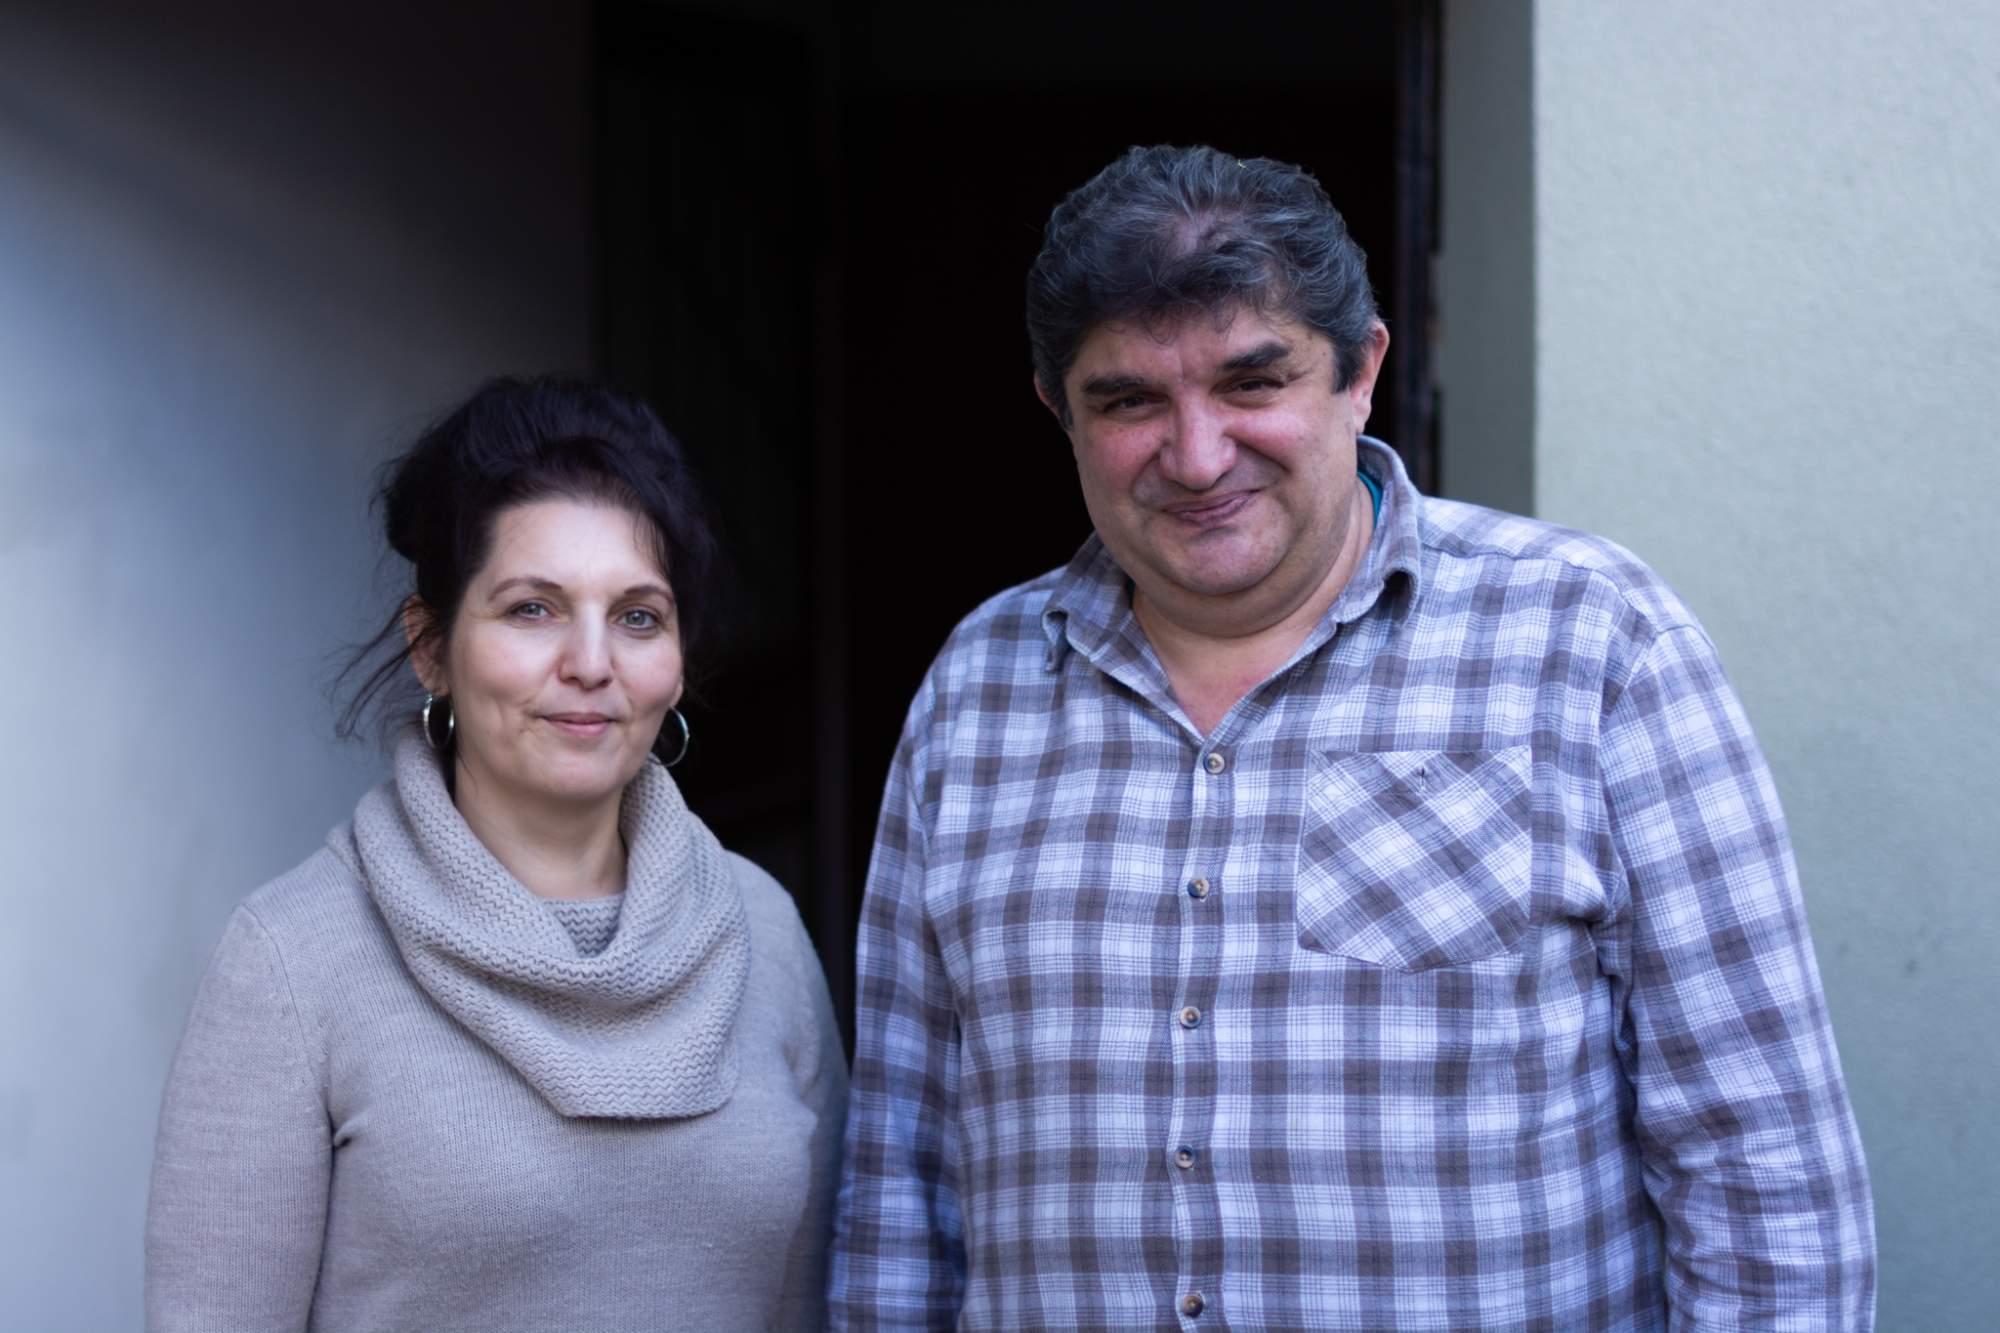 Matěj Nový s manželkou Kristýnou. Autor: Anna Viktorinová